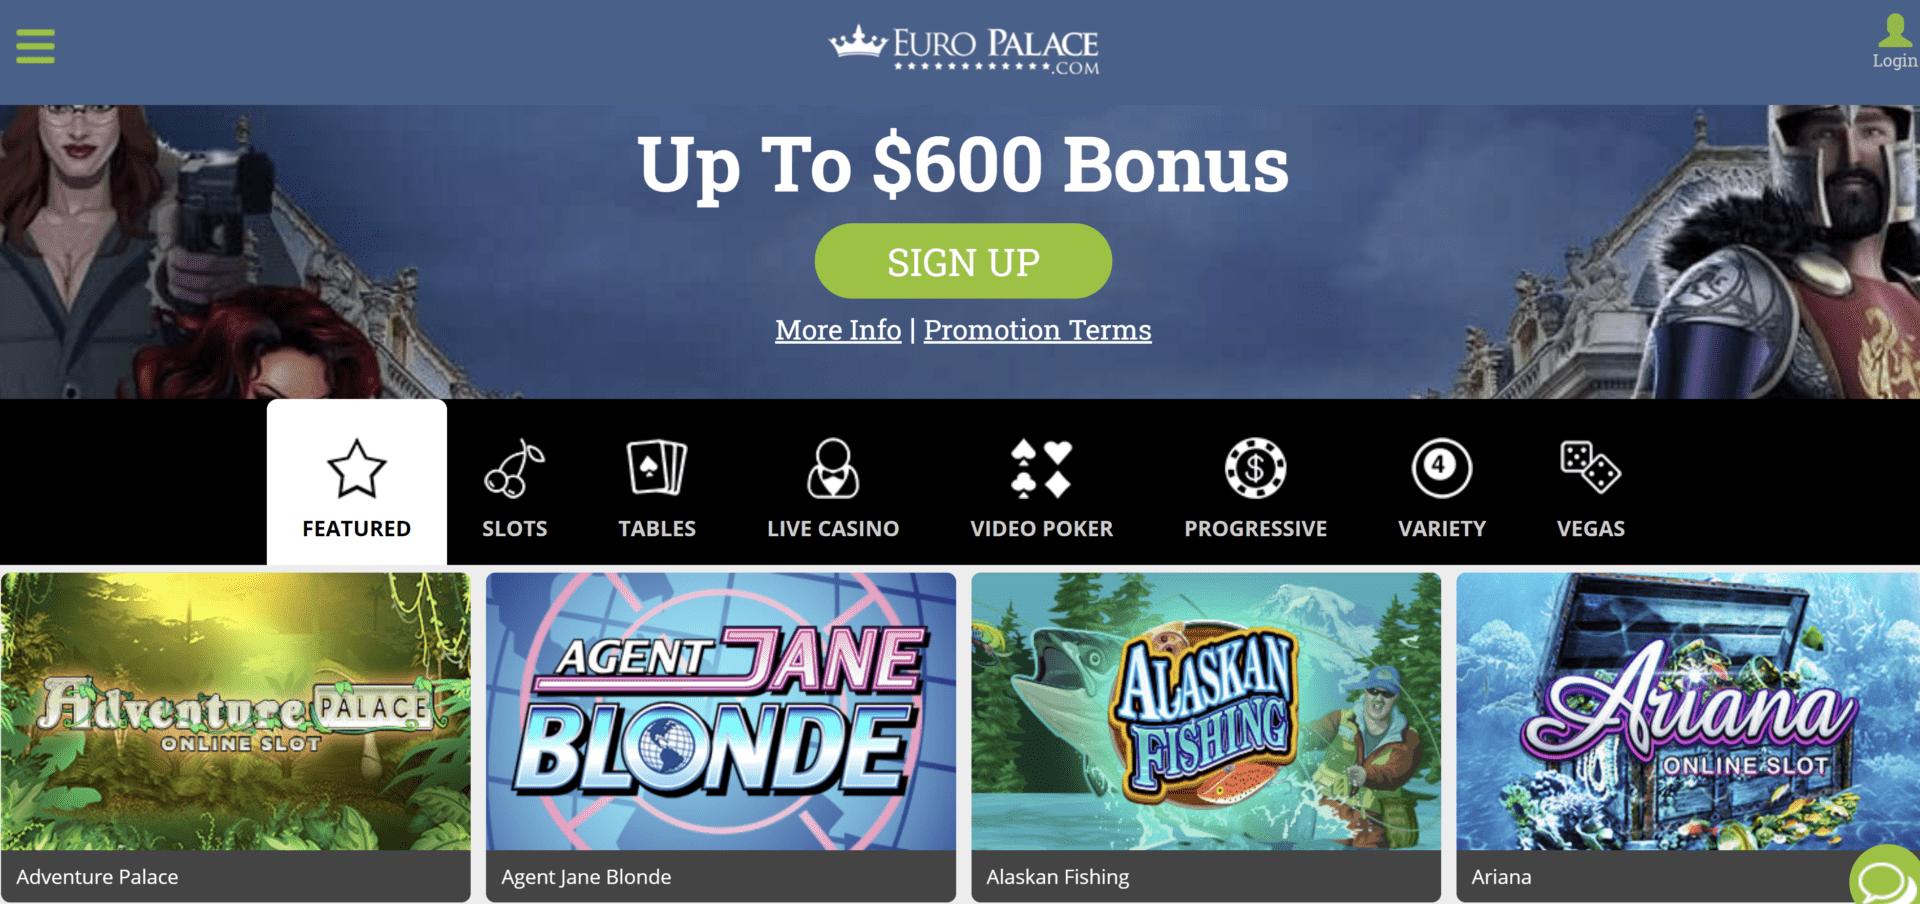 Euro Palace Casino Bonus Code